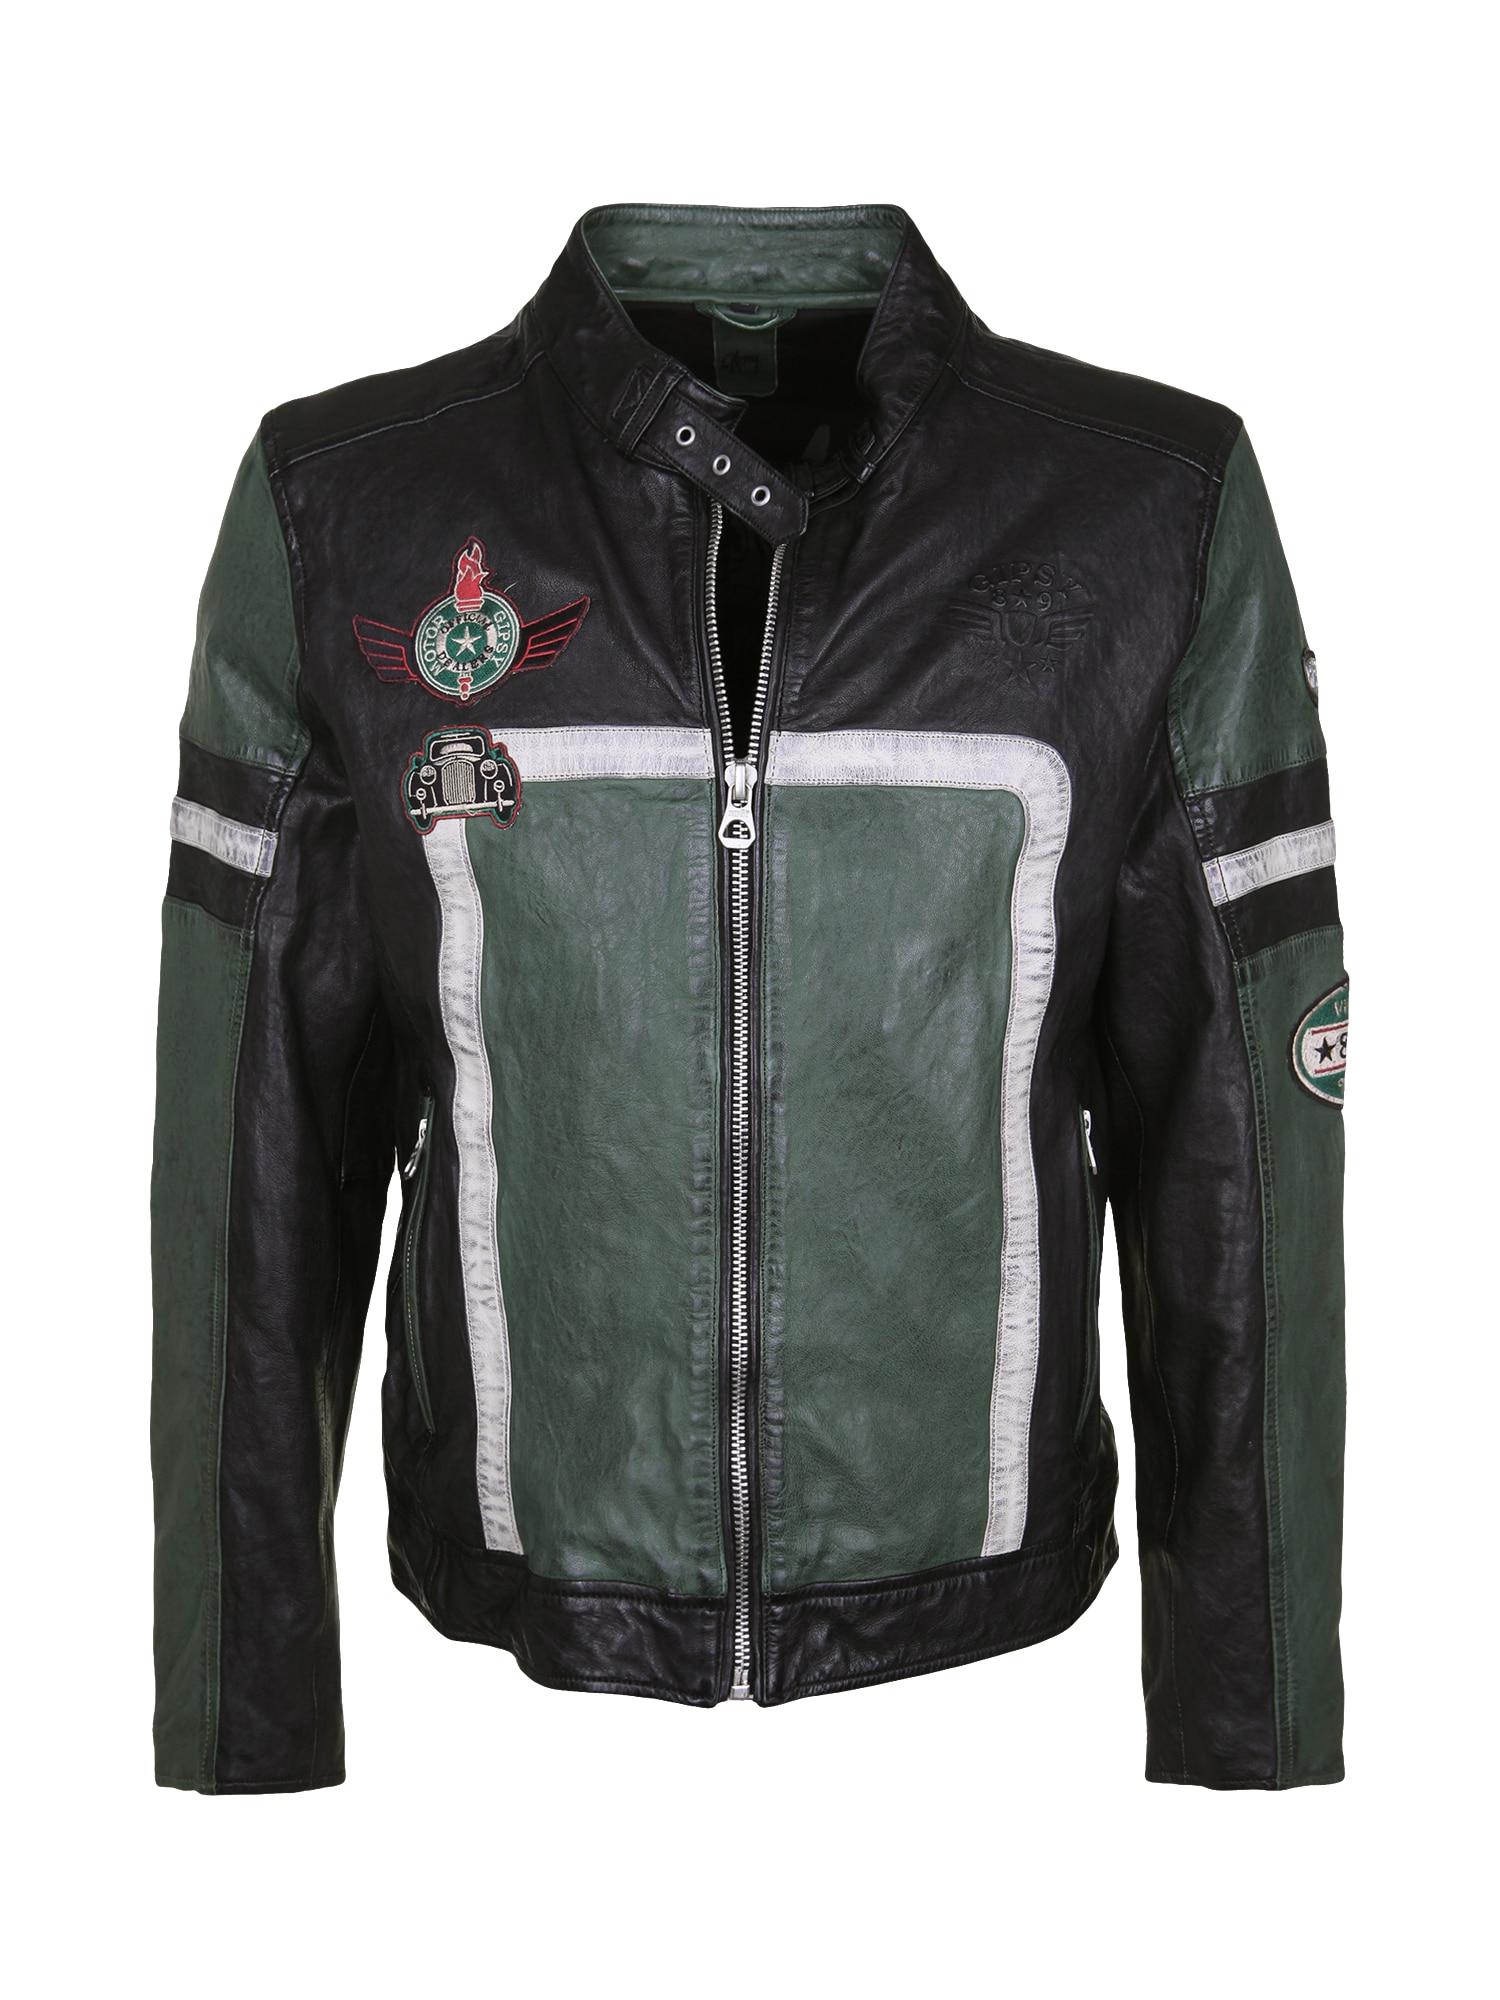 Přechodná bunda Emmet tmavě zelená černá Gipsy